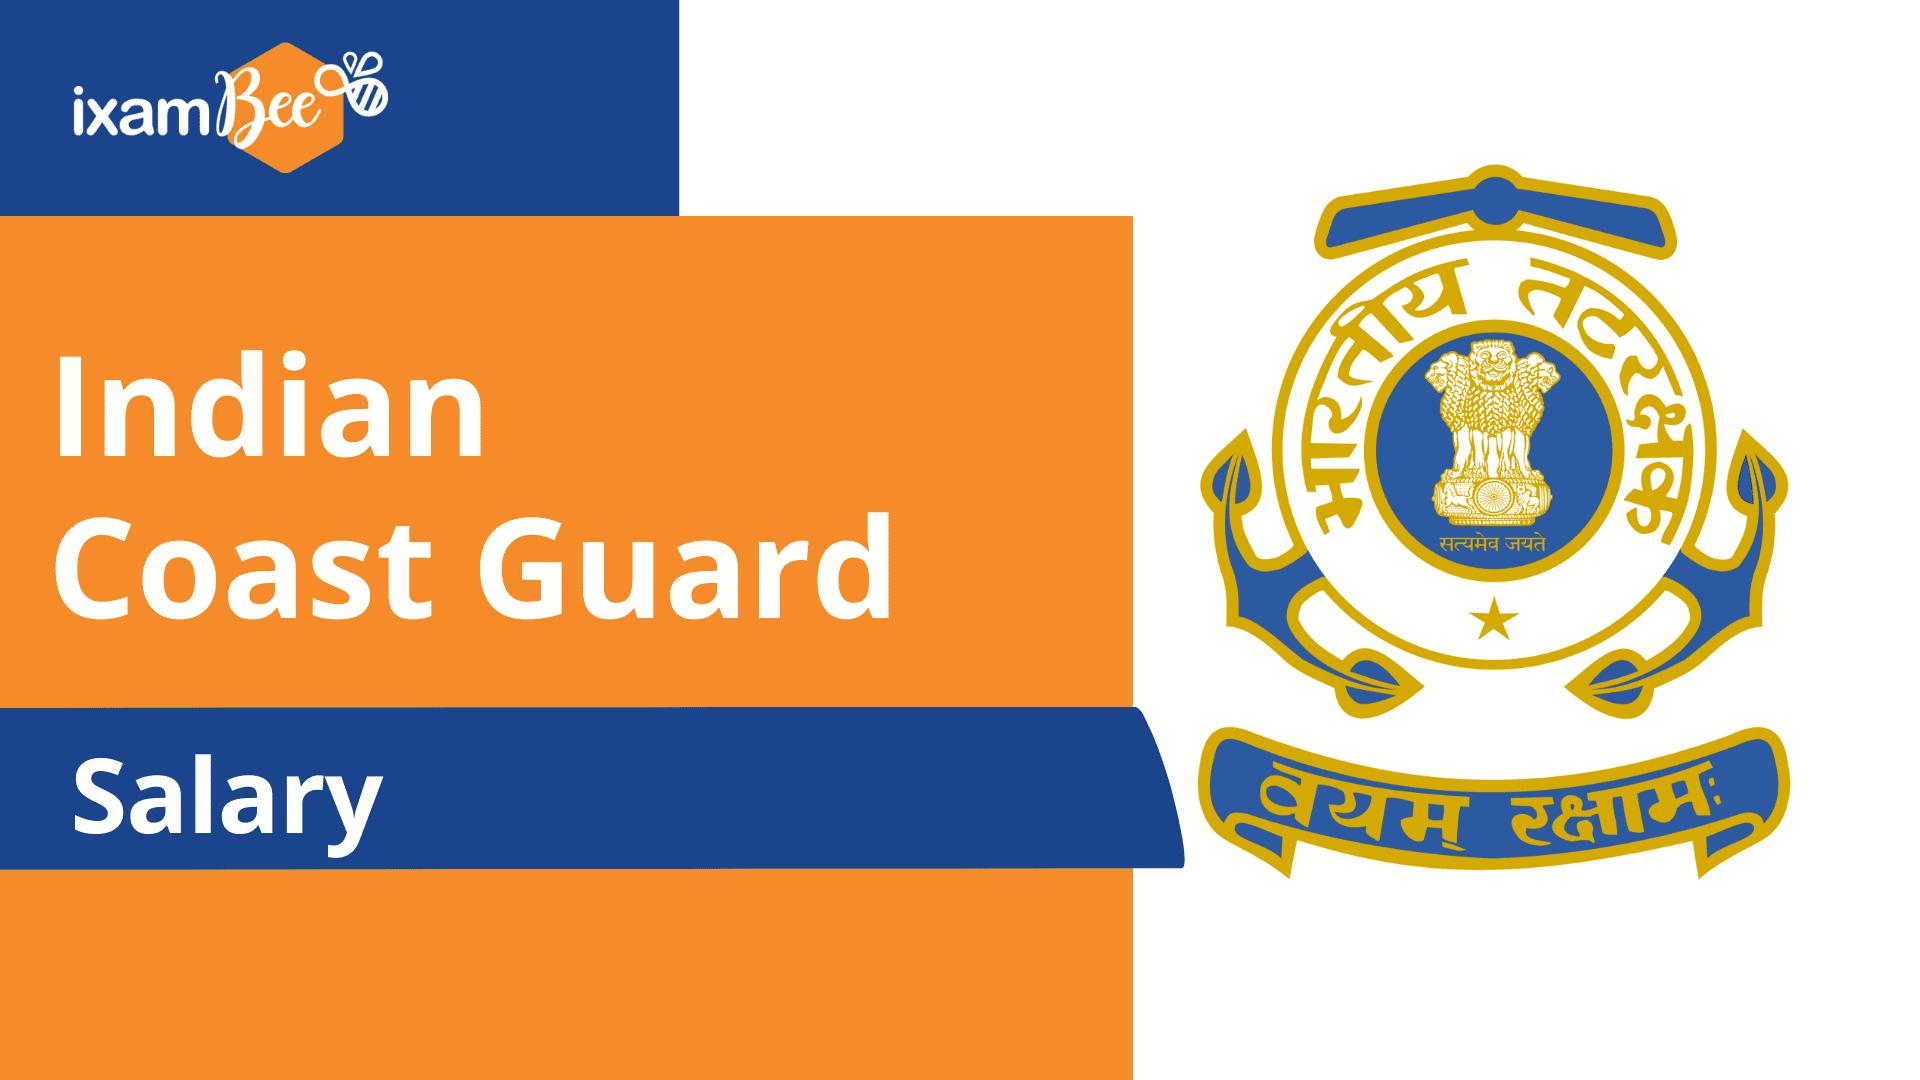 Indian Coast Guard Recruitment Salary